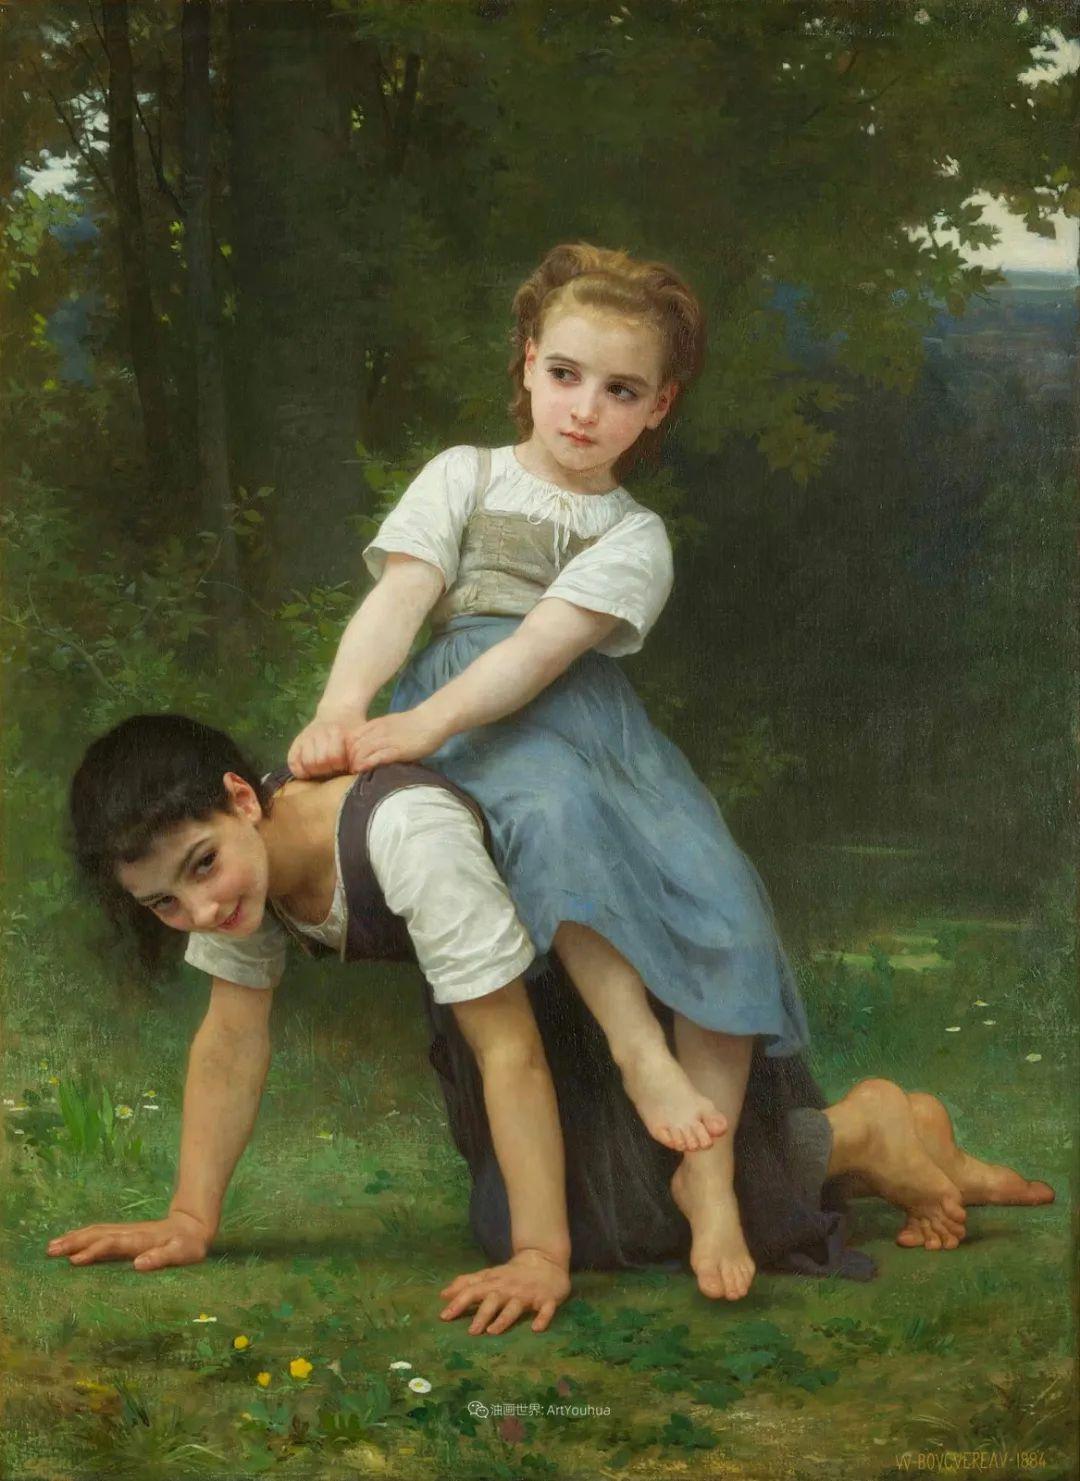 儿童篇,古典主义巨匠布格罗(下)插图103